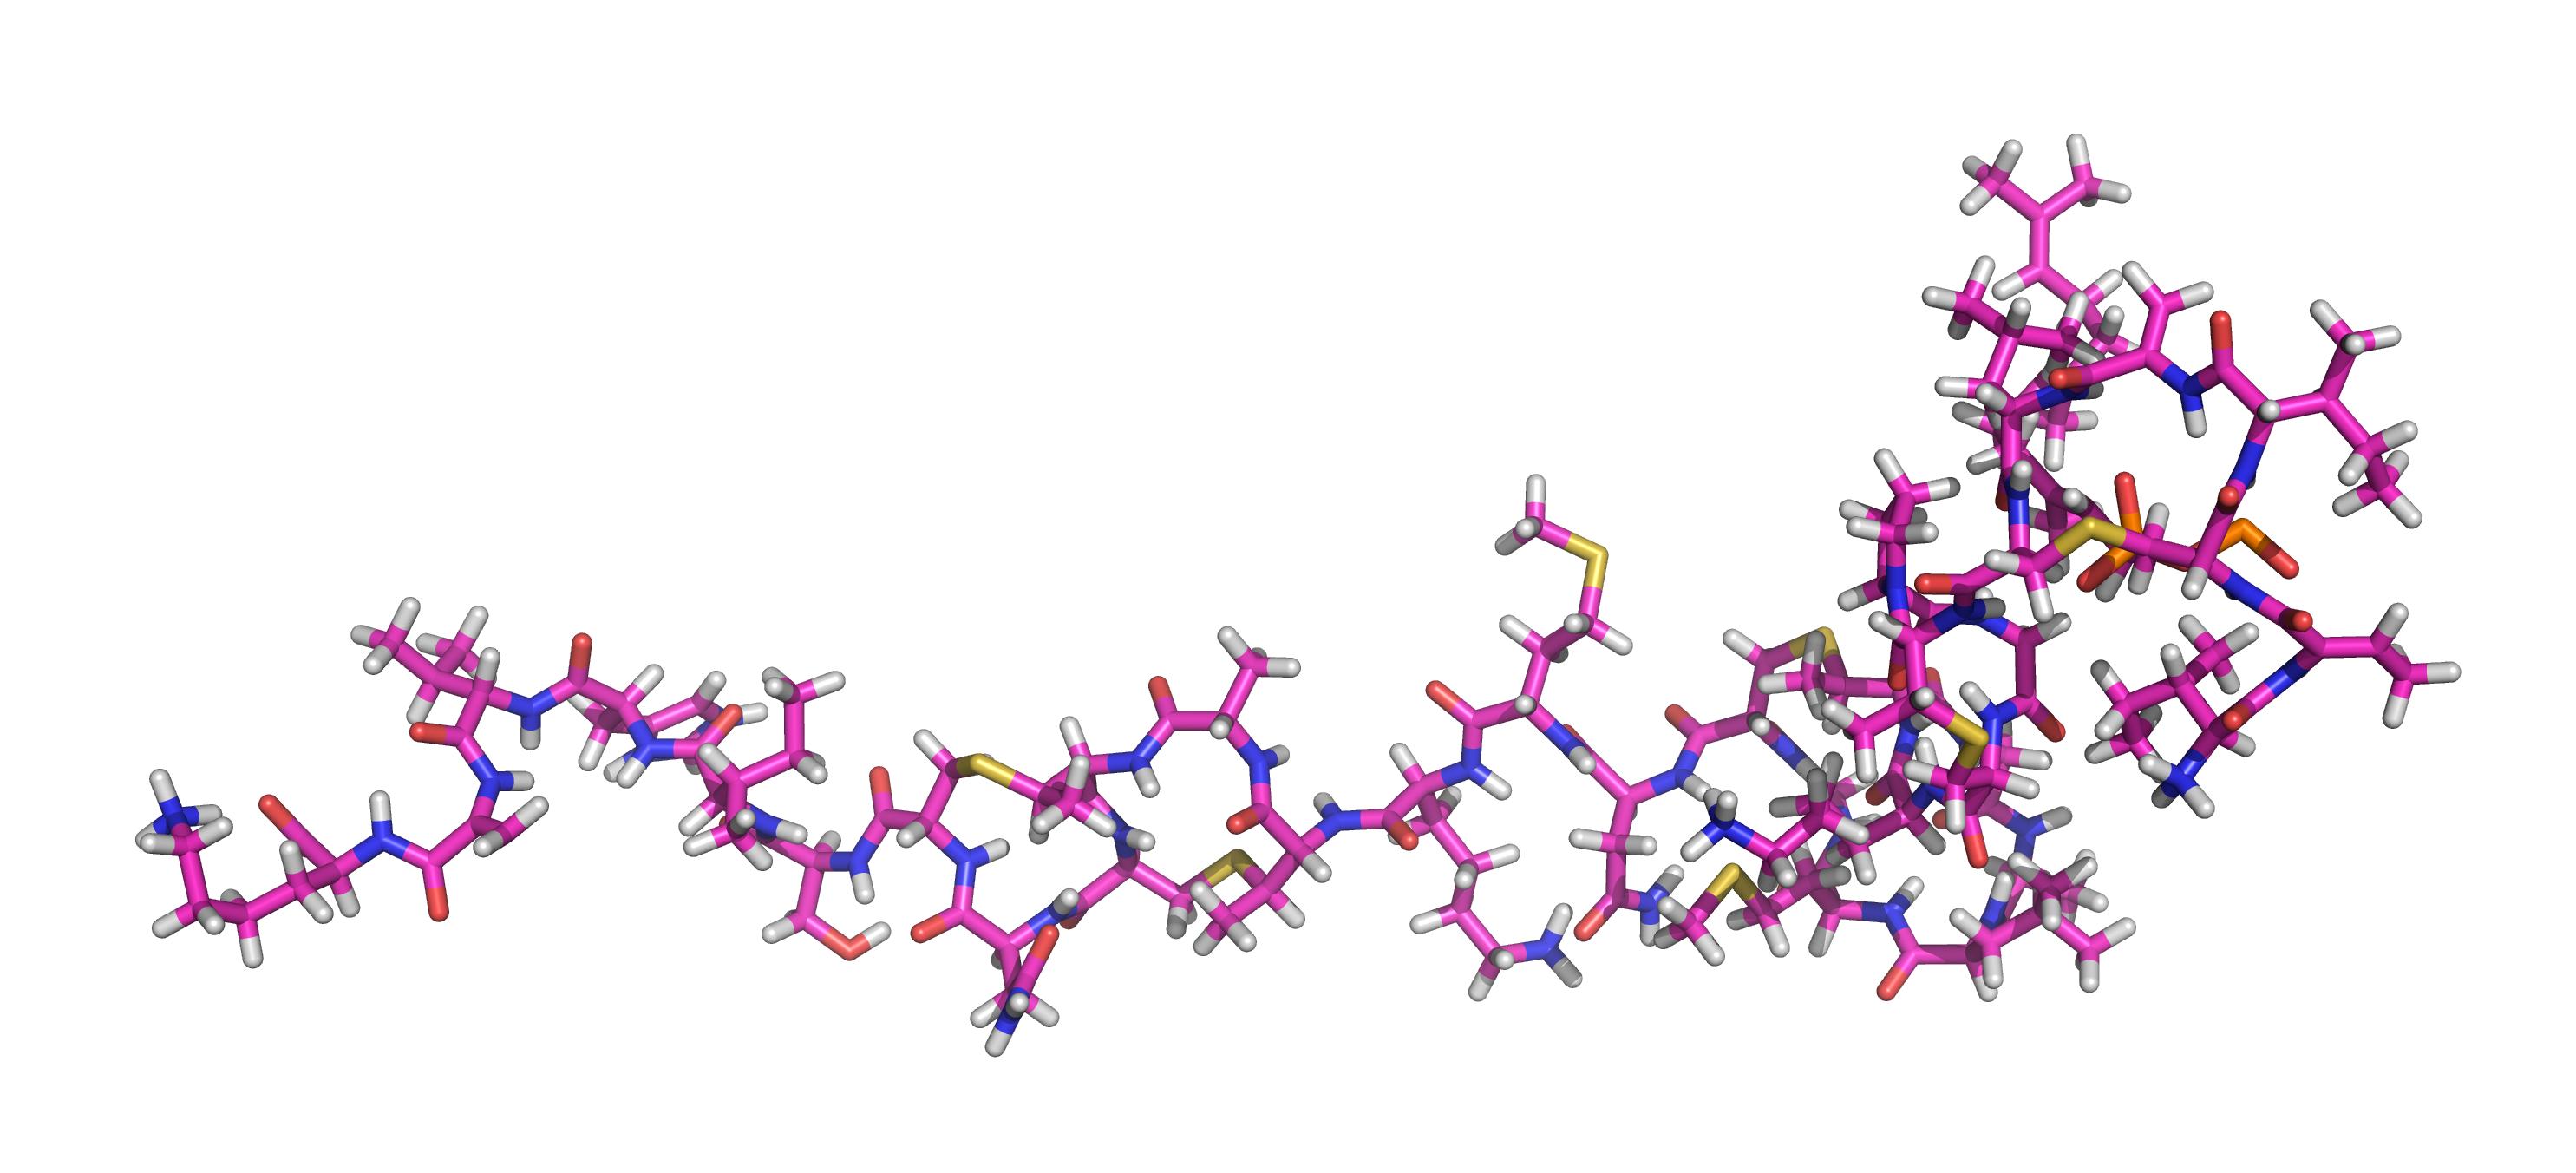 Modelo 3D da molécula de Nisina